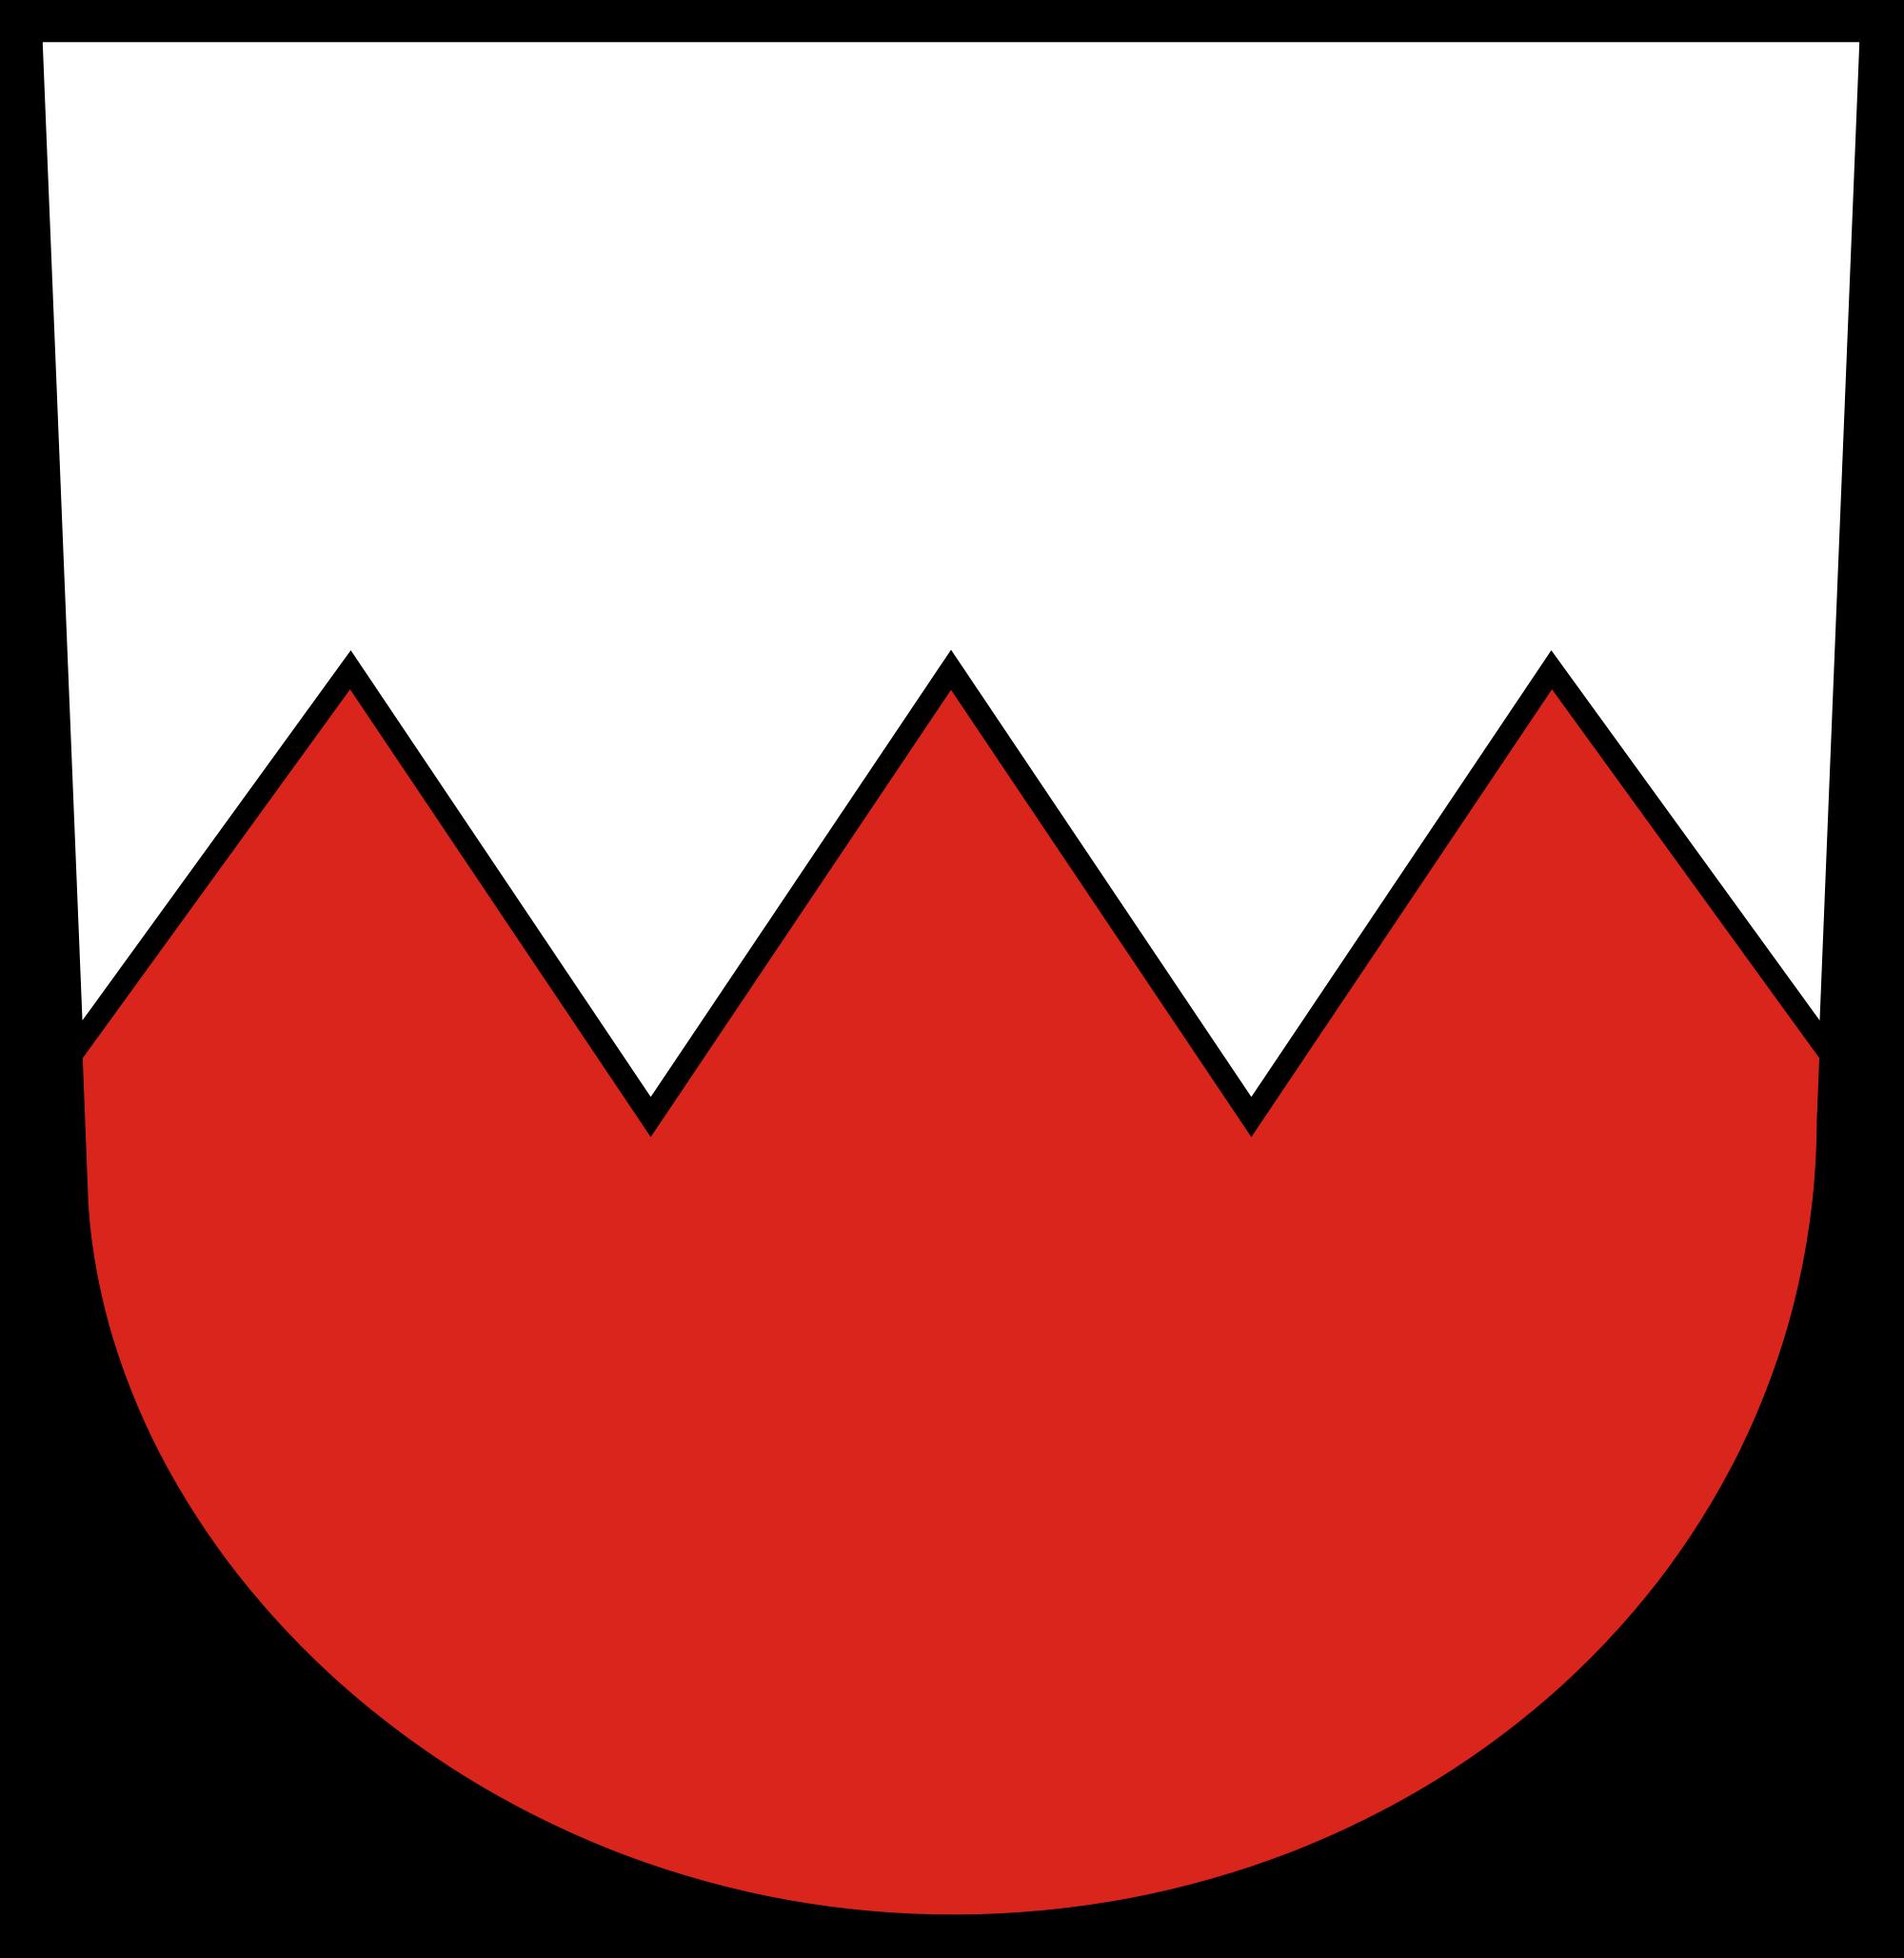 Zweckverband Wasserversorgung oberer Neckar - Zimmern udB